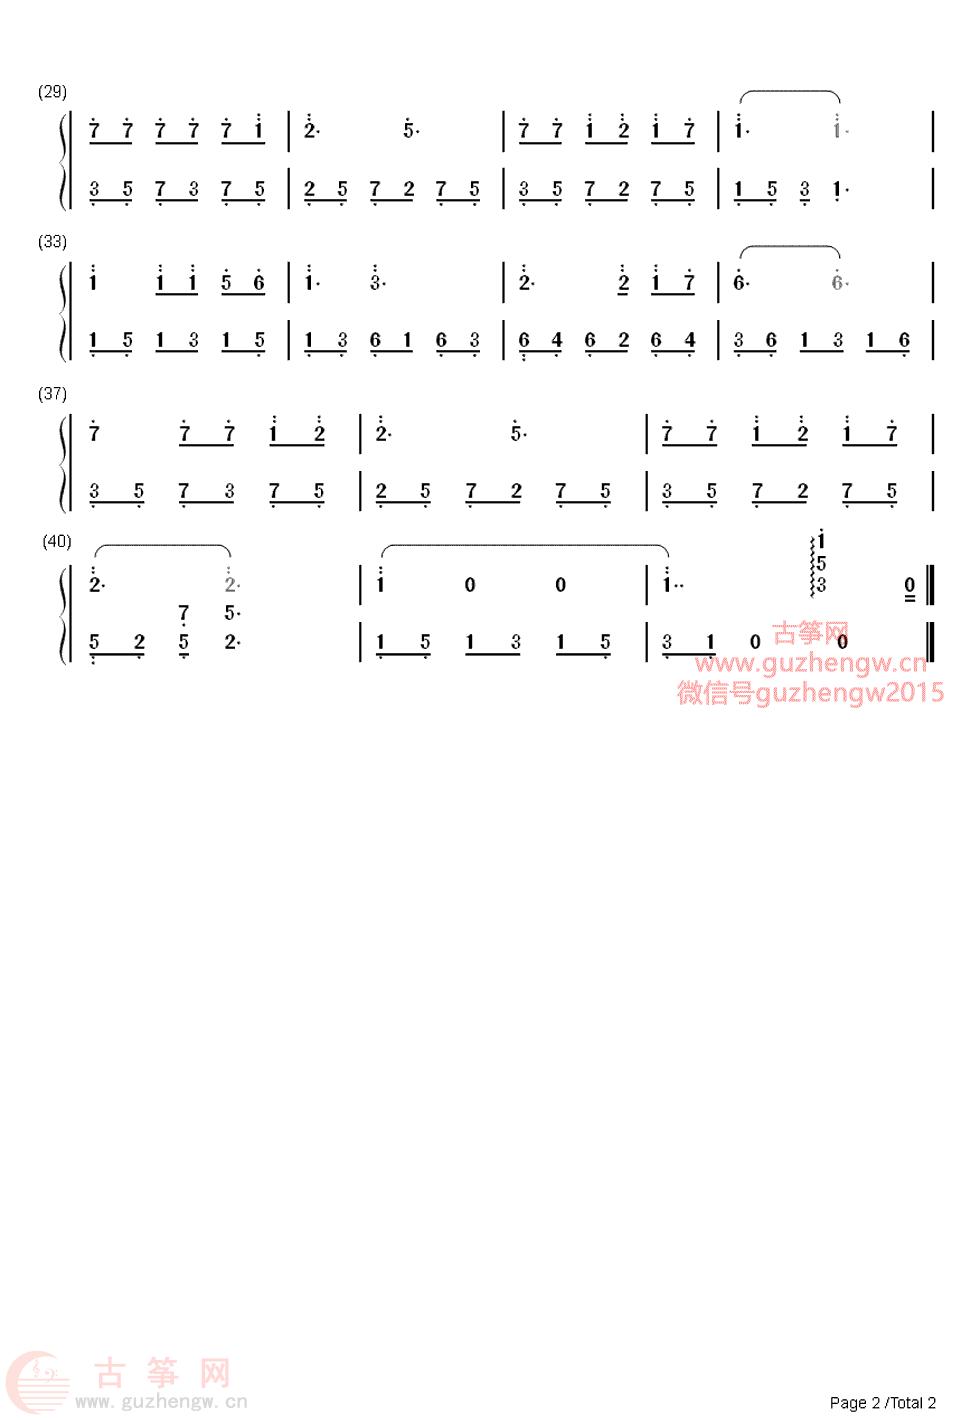 同桌的你 - 流行古筝曲谱 - 中国古筝商城-古筝网图片